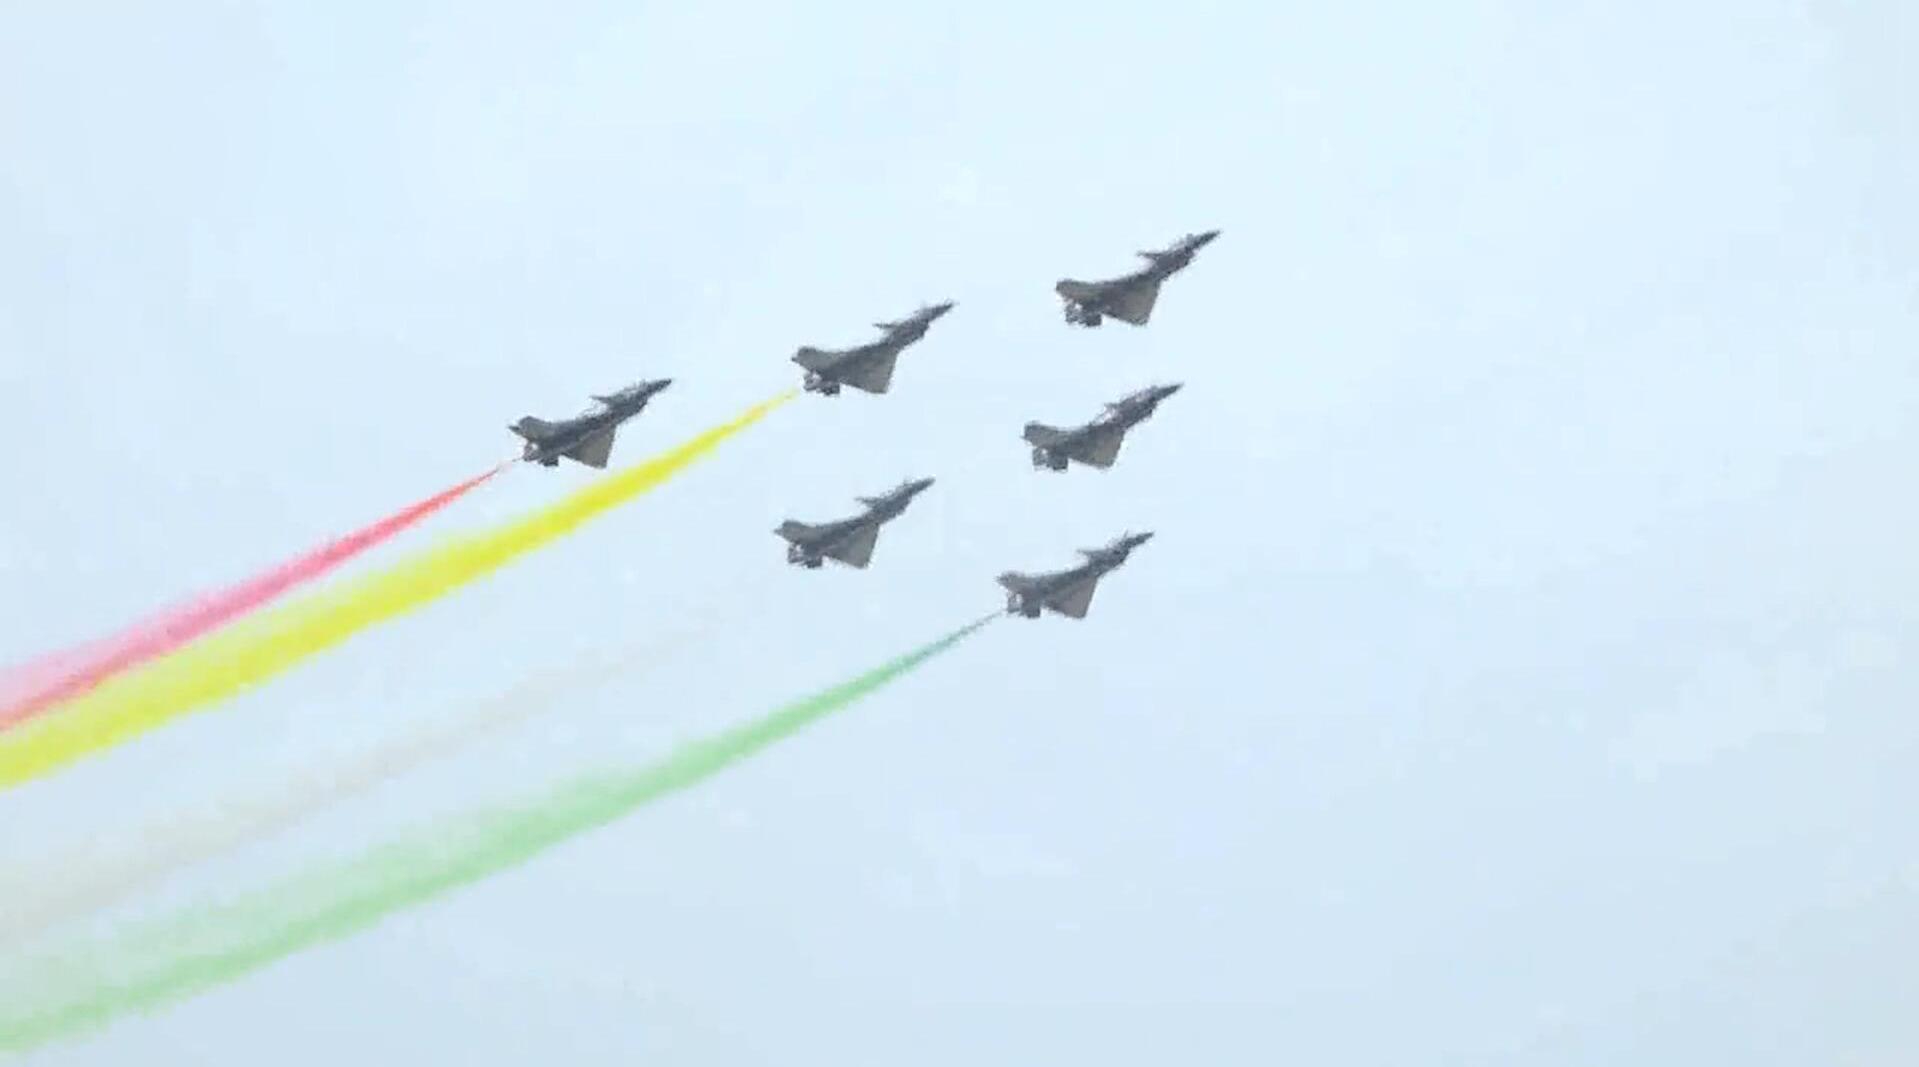 巴基斯坦国庆阅兵,中国八一飞行表演队炫舞出击,赢得全场称赞!